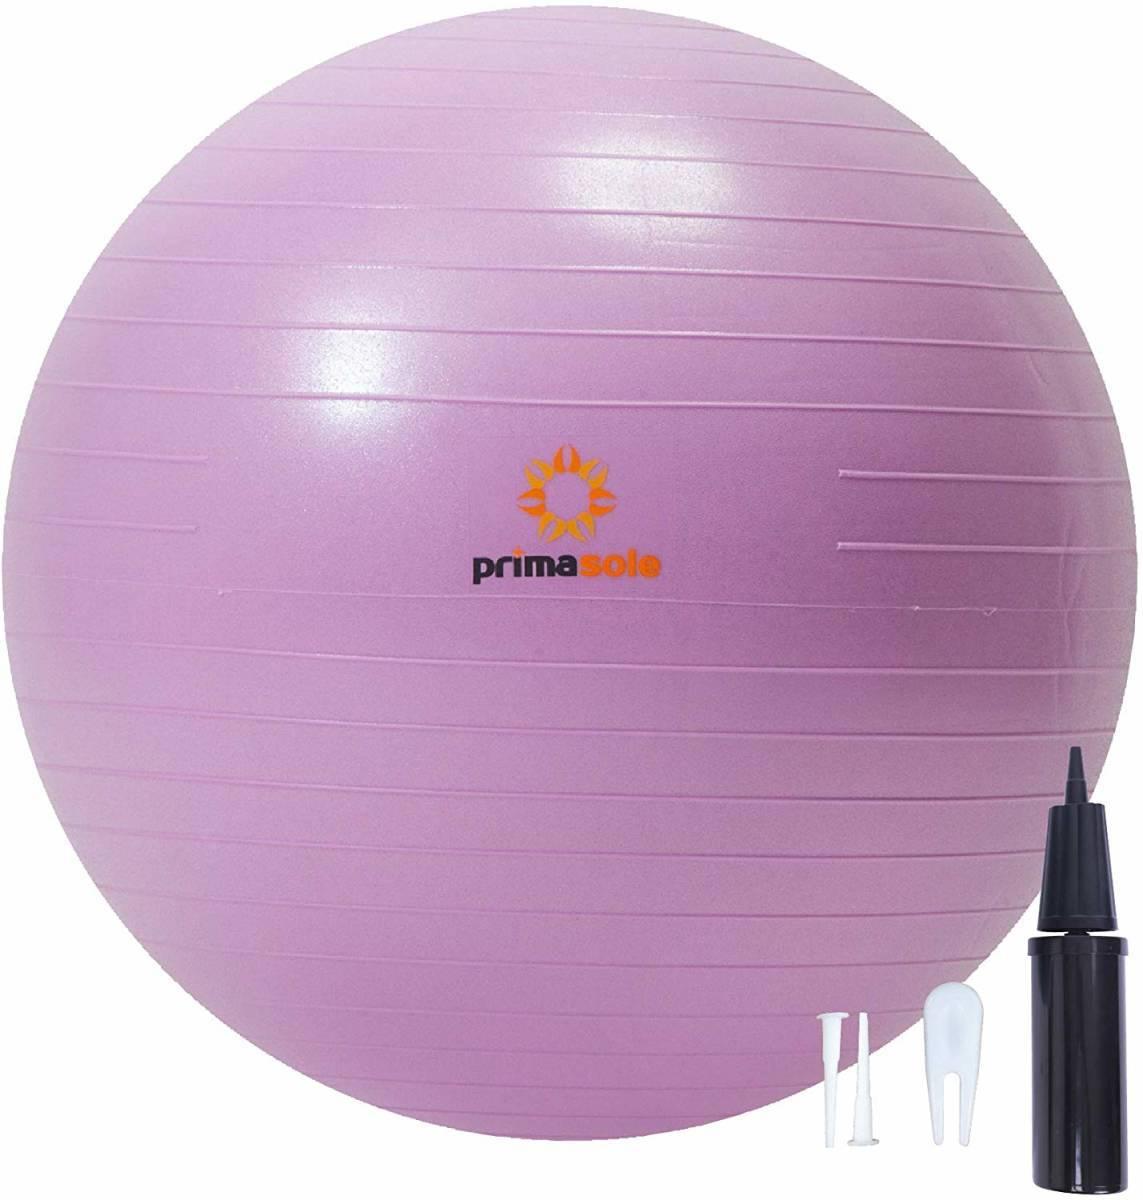 【限定ブランド】プリマソーレ(primasole) フィットネスボール 【55cm】空気入れ付き バランスボール フィットネス ピラティス